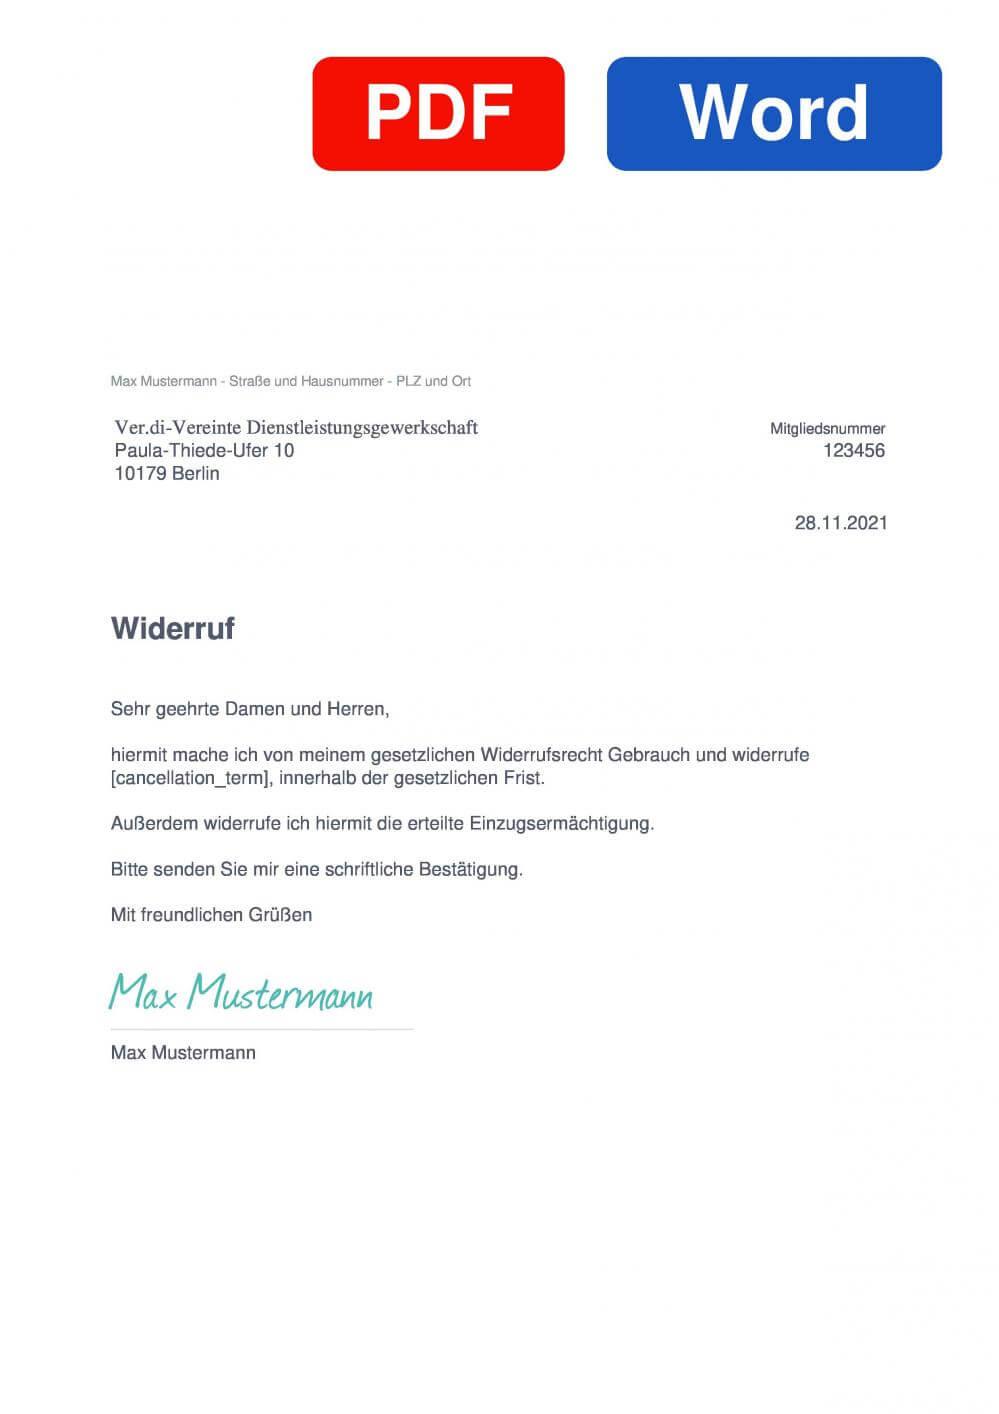 Verdi Muster Vorlage für Wiederrufsschreiben